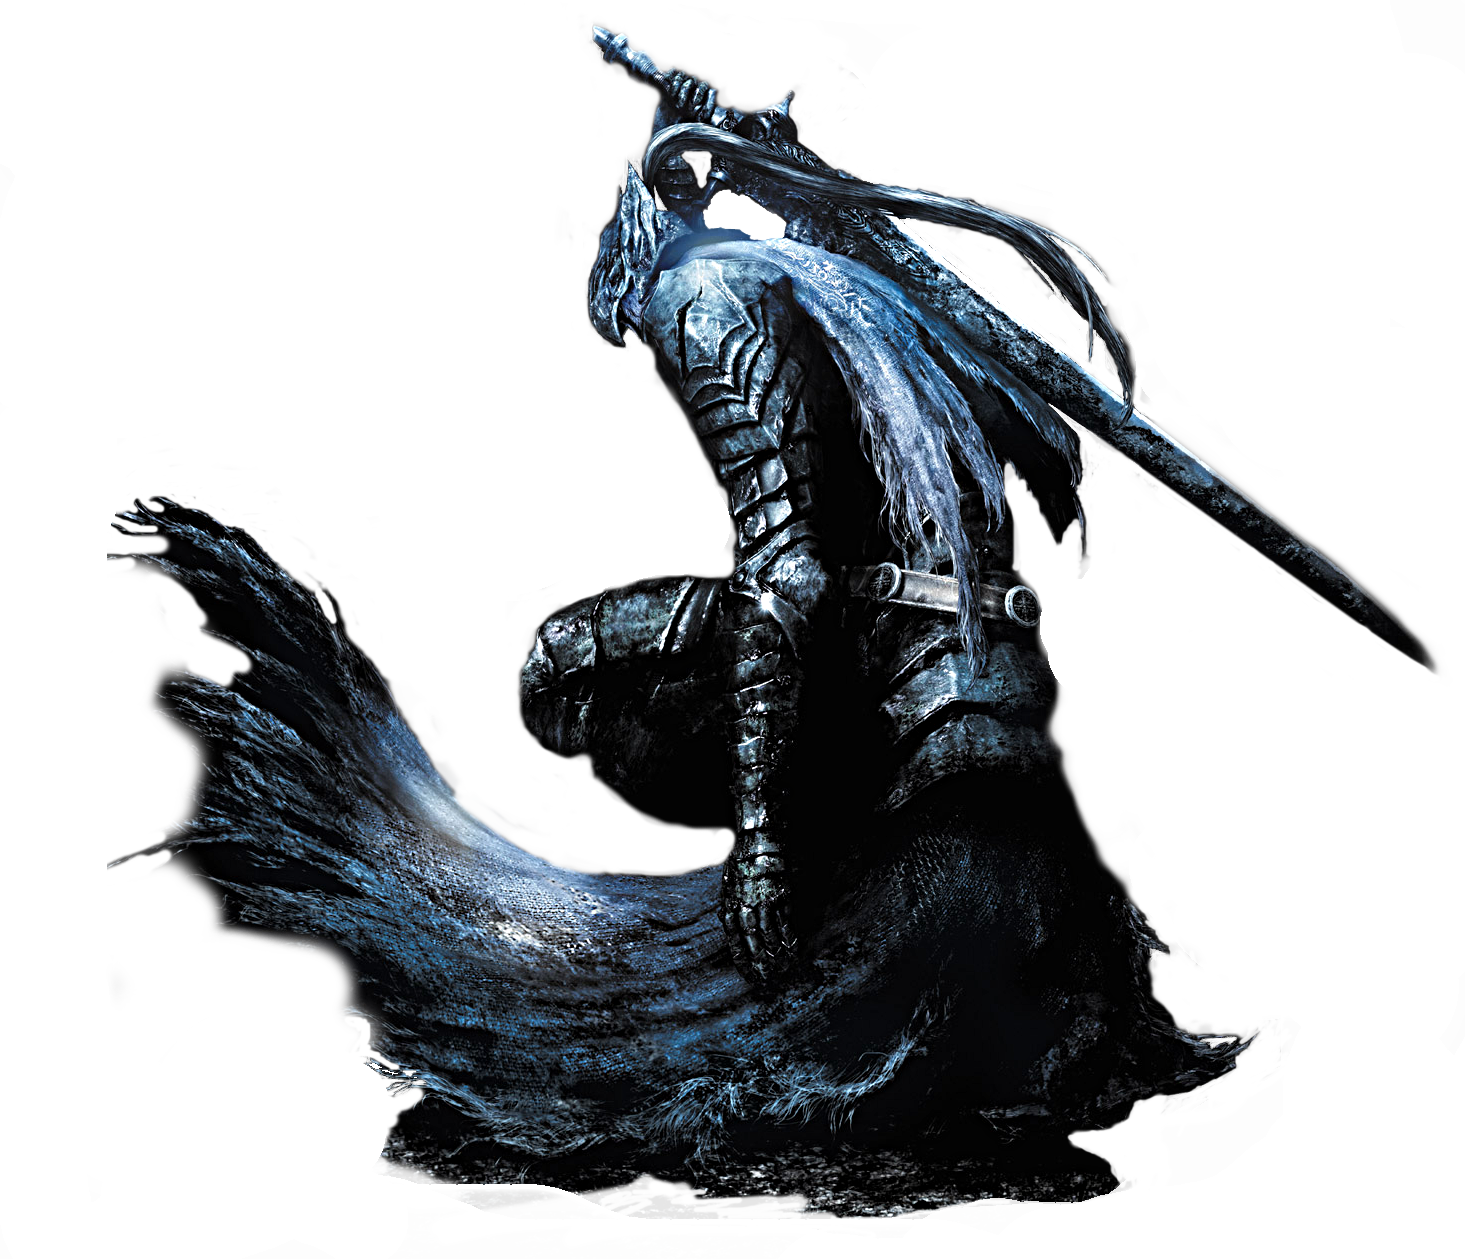 PNG File Name: Dark Souls PlusPng.com  - Dark Souls PNG